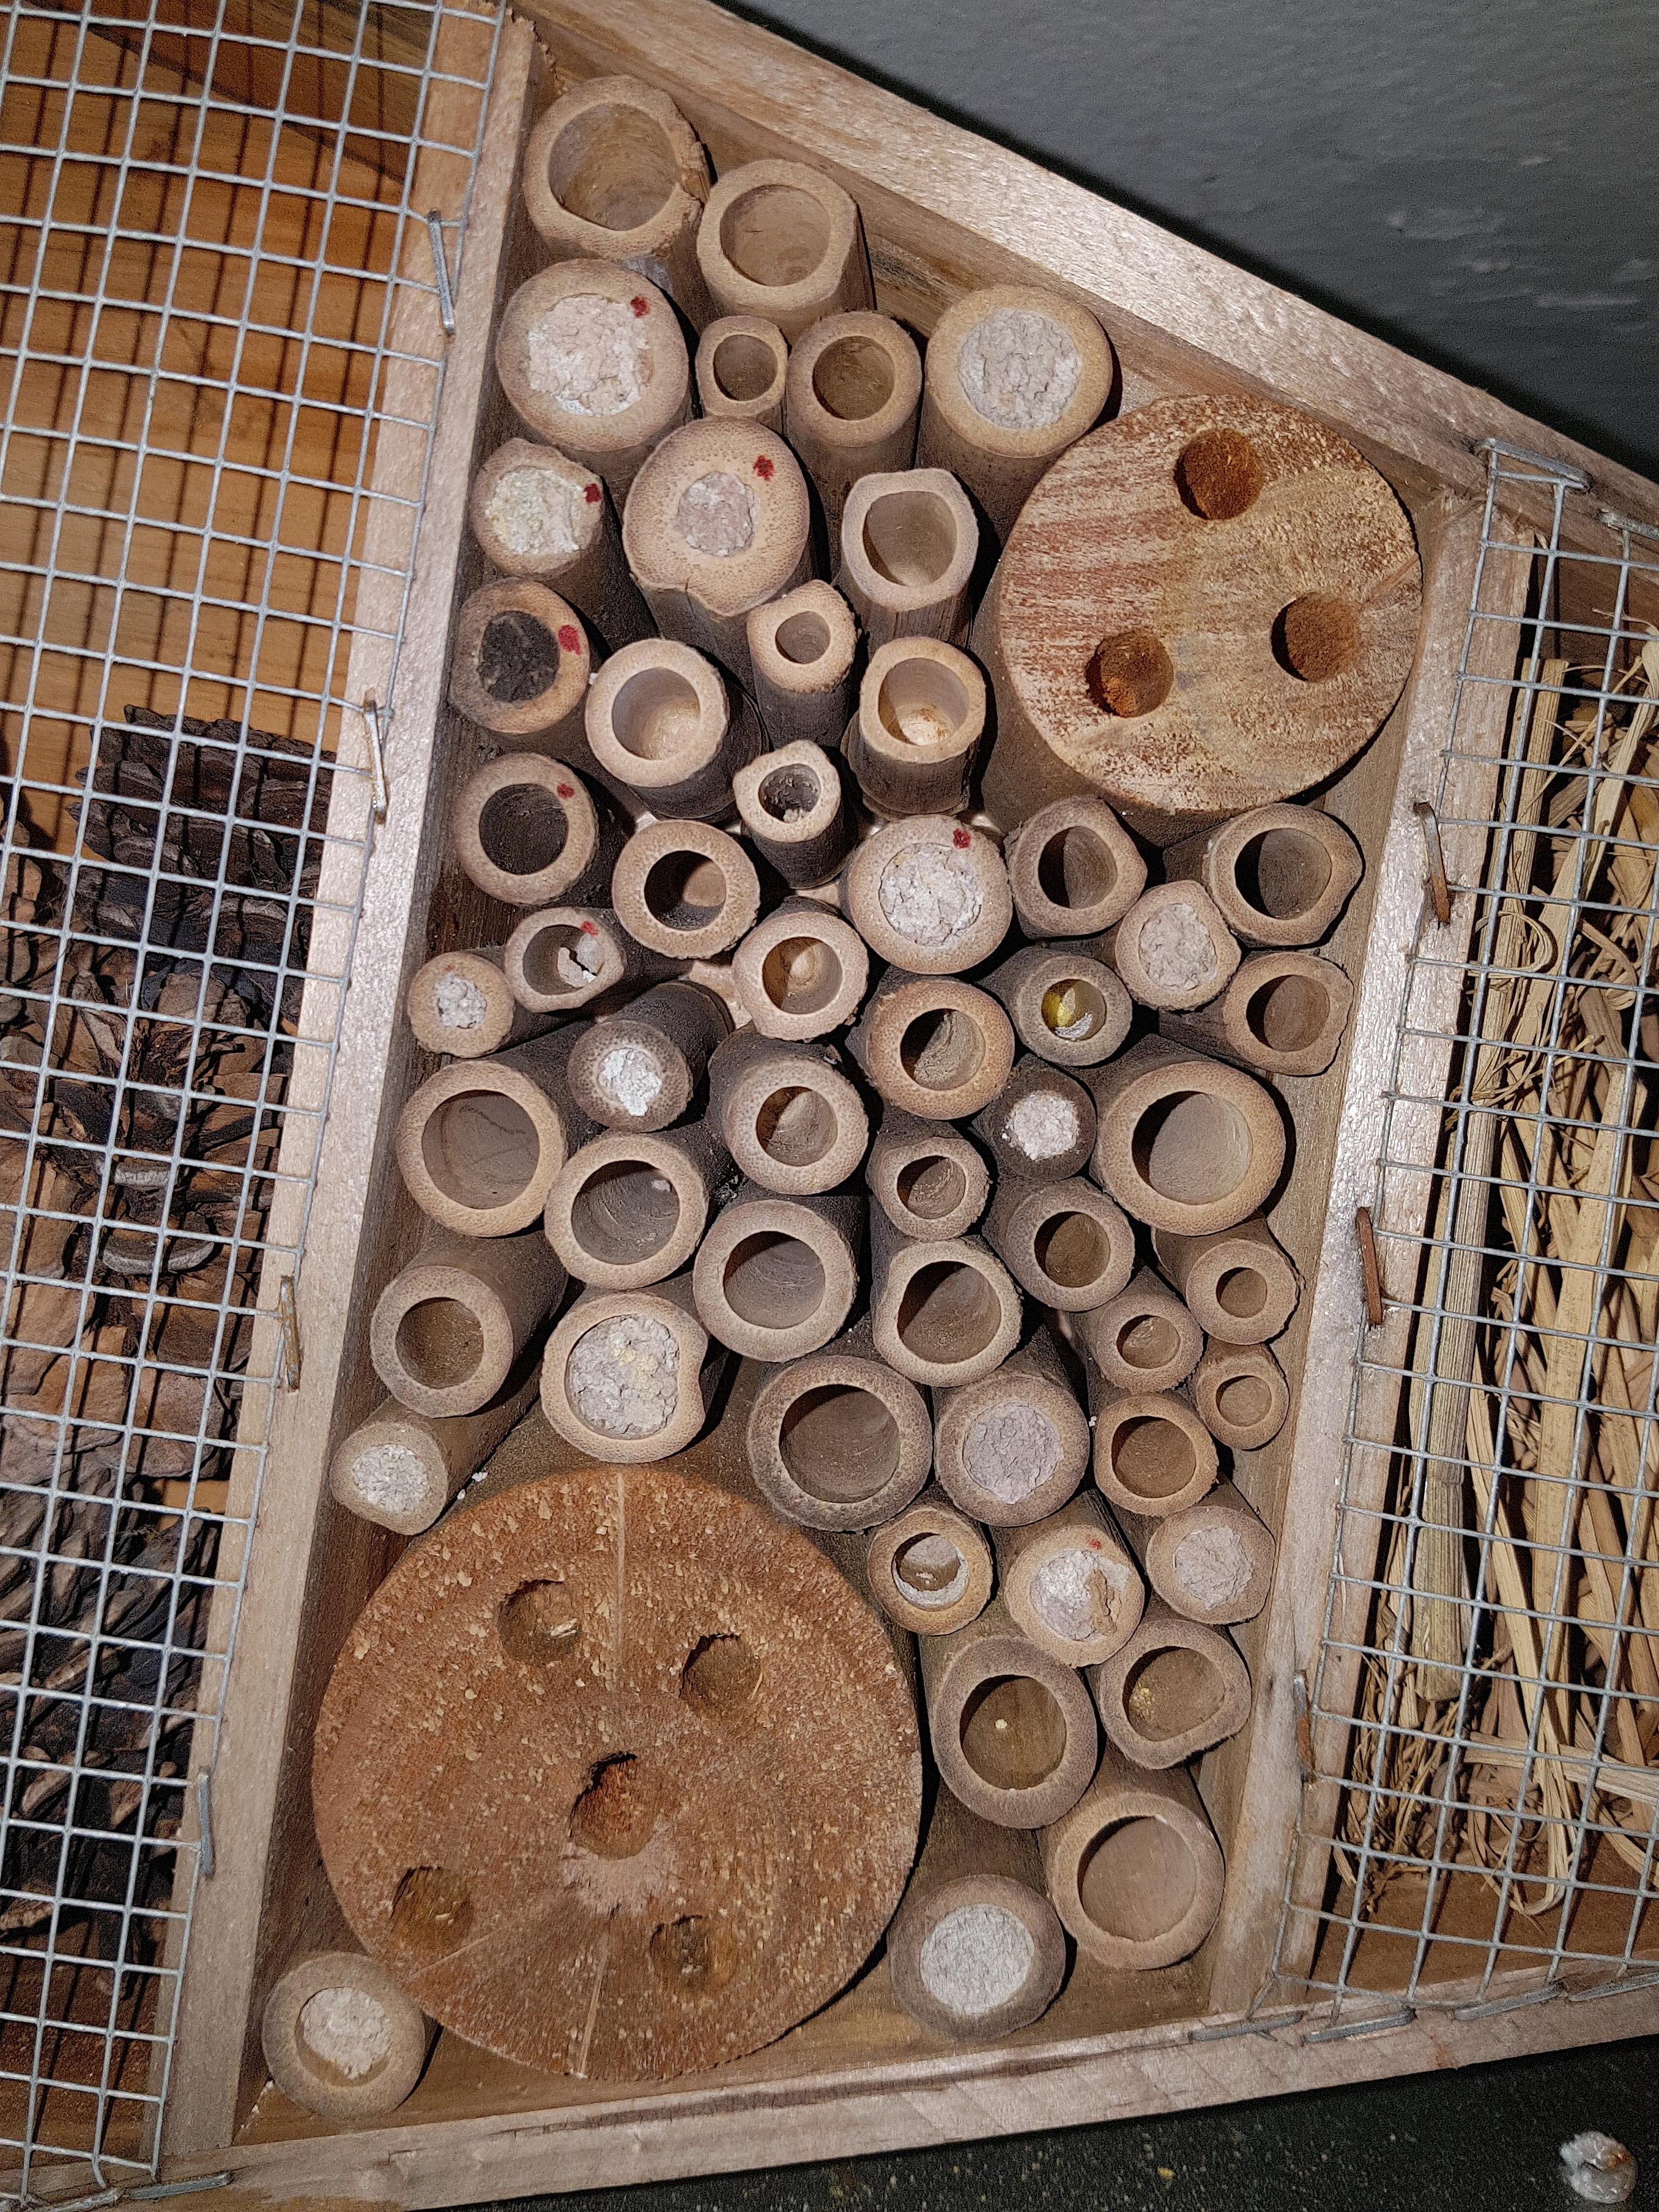 Mauerbienen als Untermieter; Stand 07.05.2018 16:20 Uhr © Thomas Petschinka